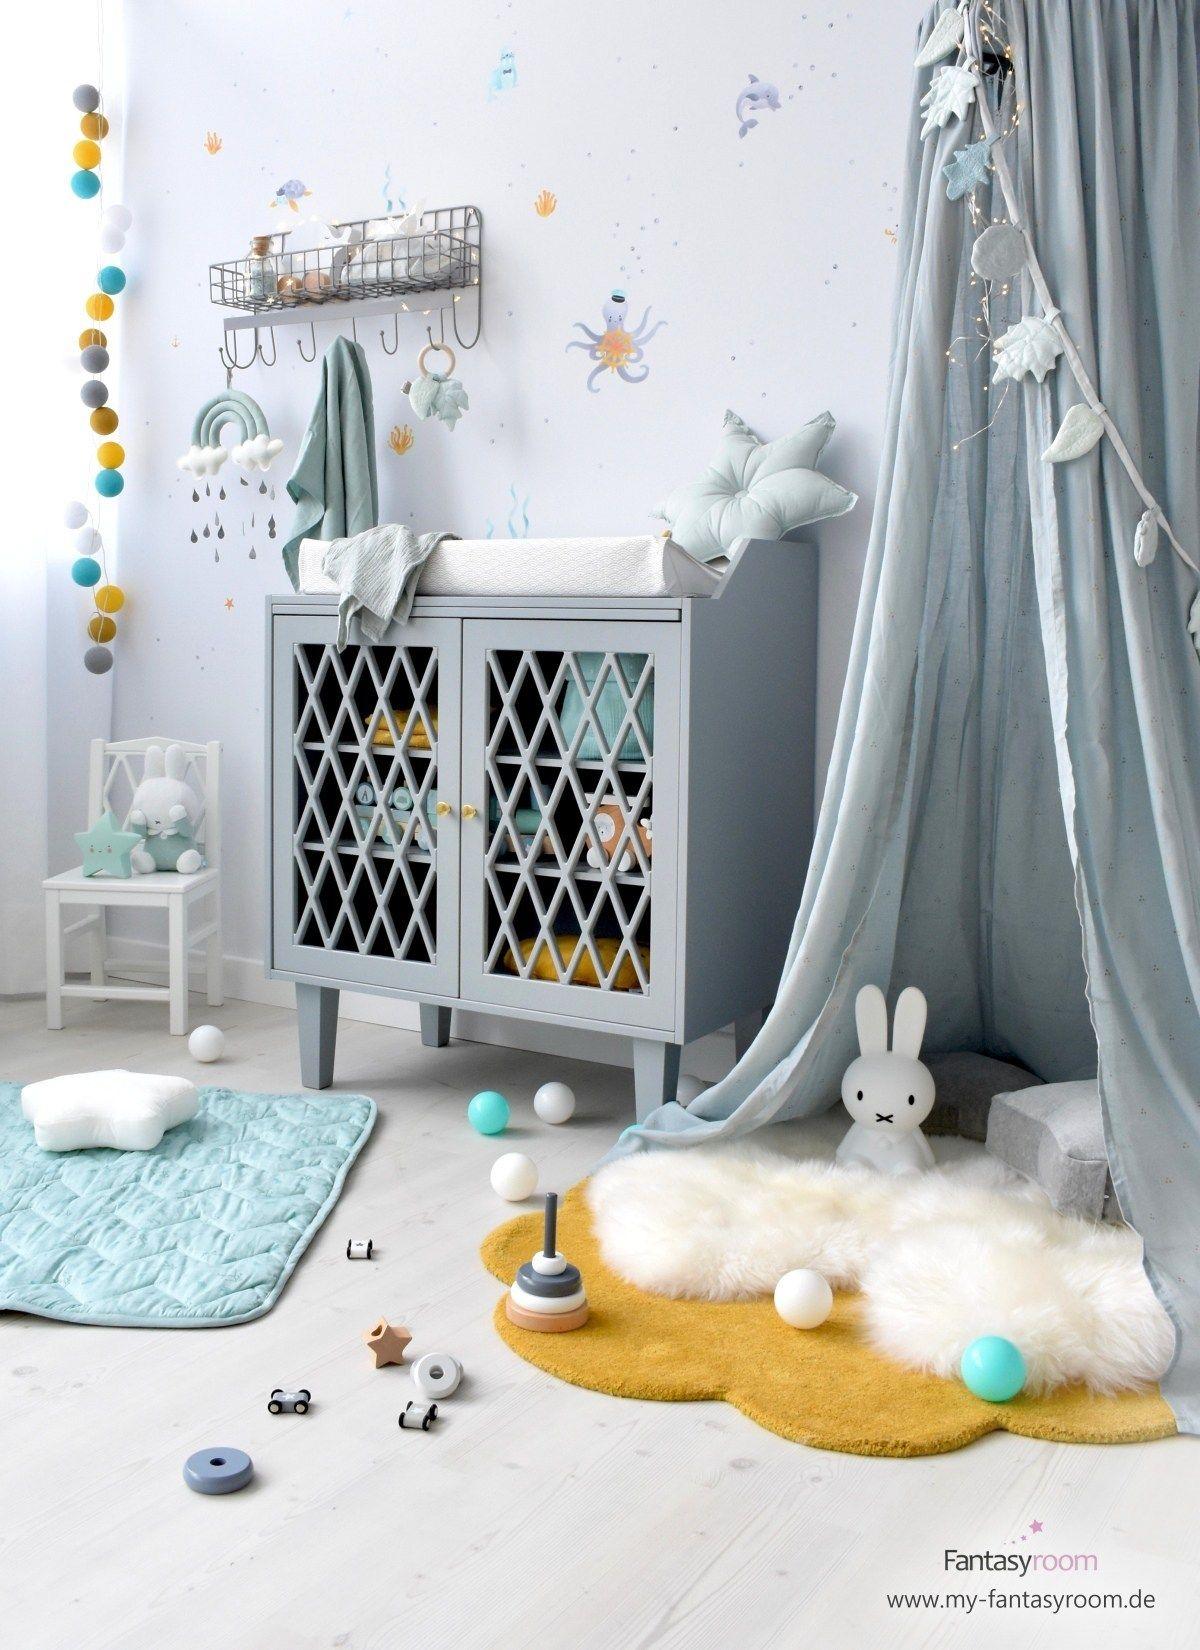 Kinderzimmer für Jungen mit Kuschelecke, mit Baldachin